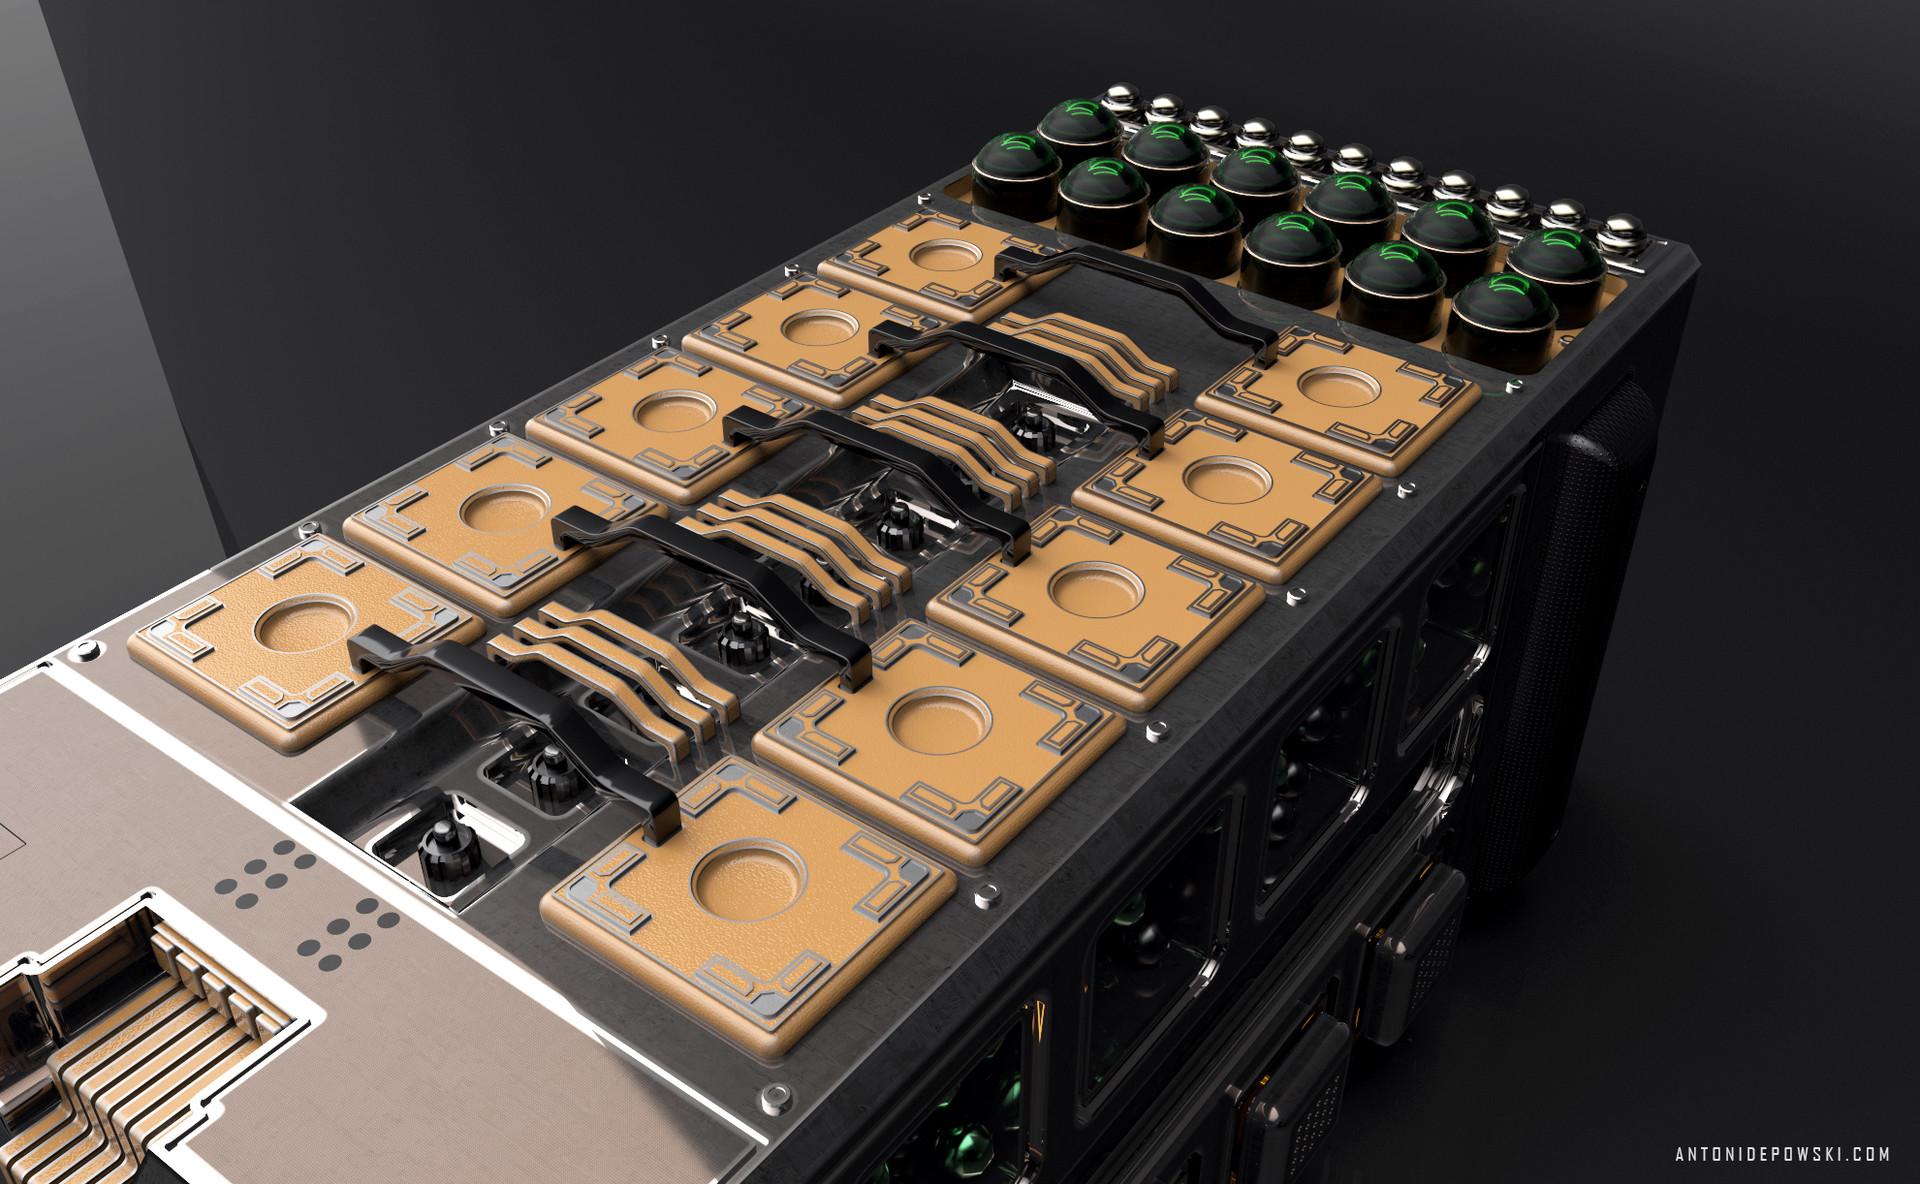 Antoni depowski amplifier 3c